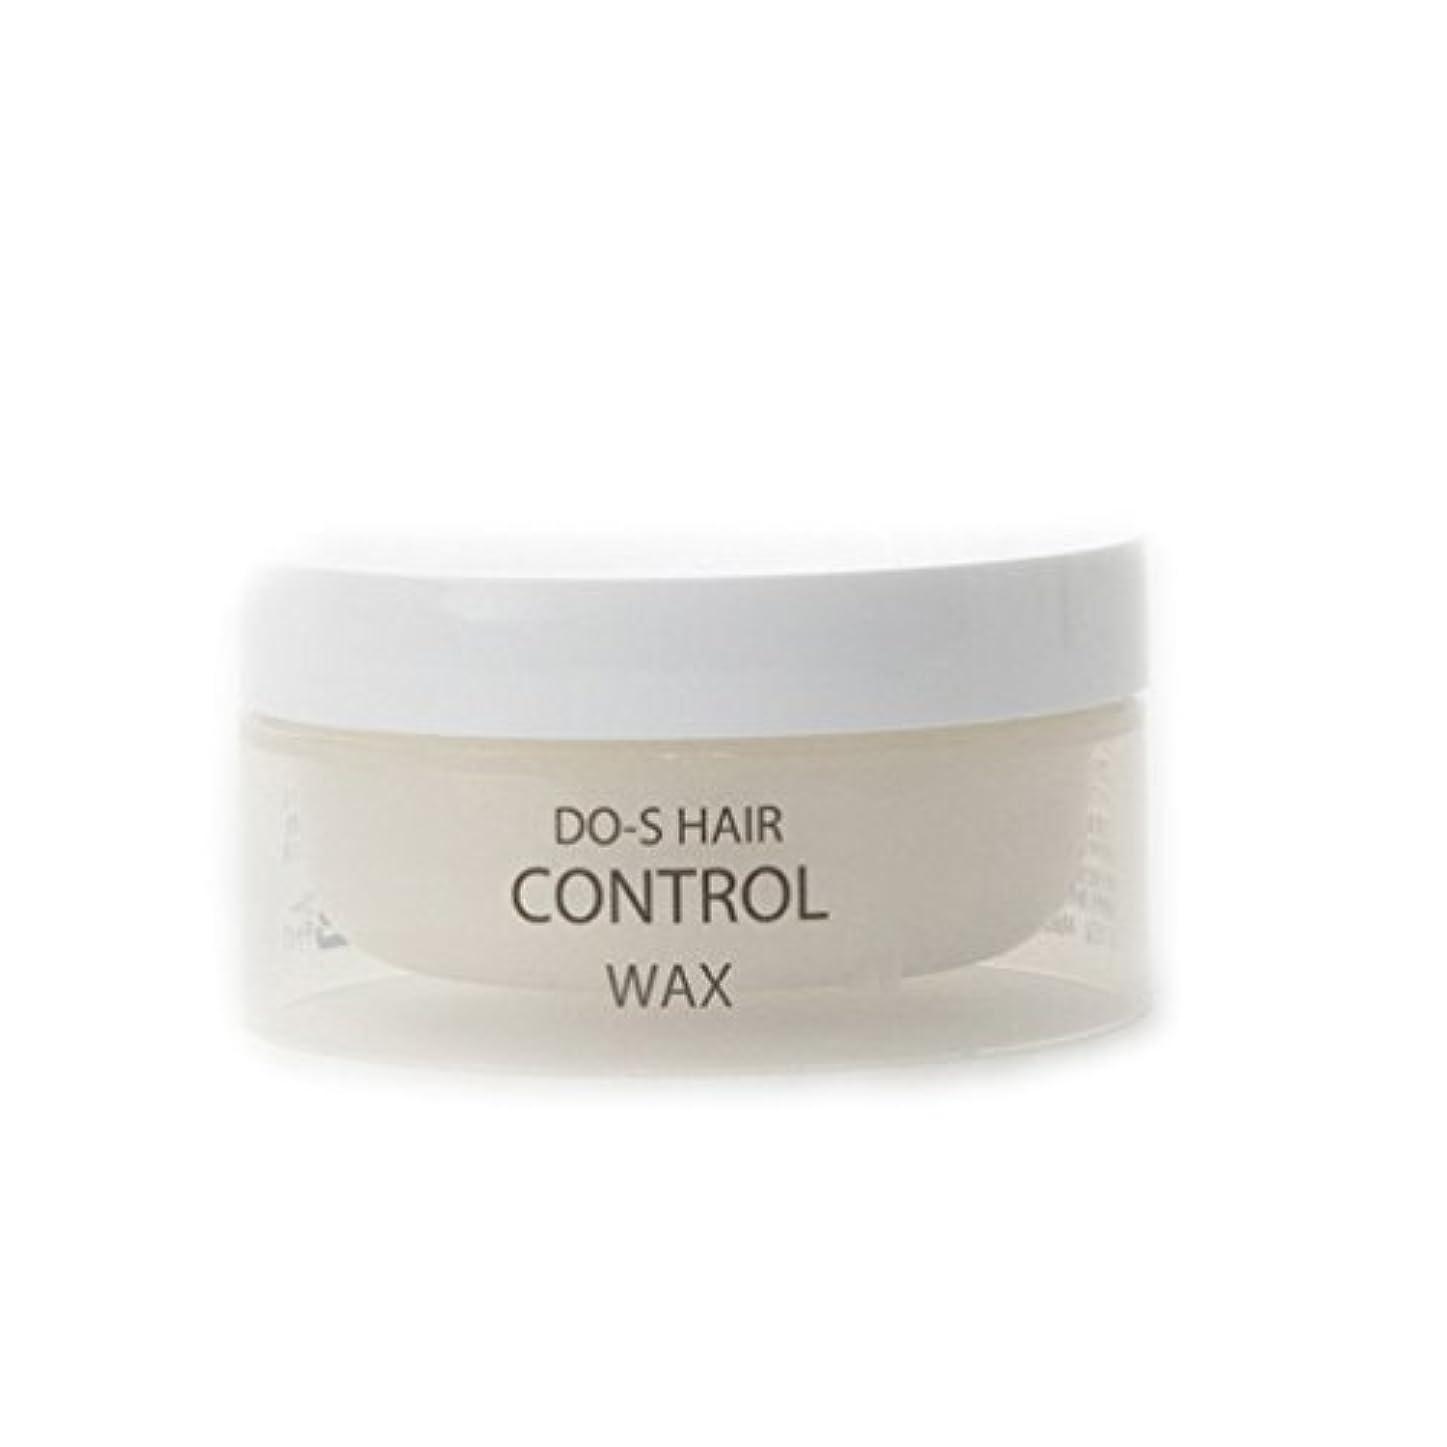 安全性悪意人類DO-S HAIR CONTROL ワックス 50g